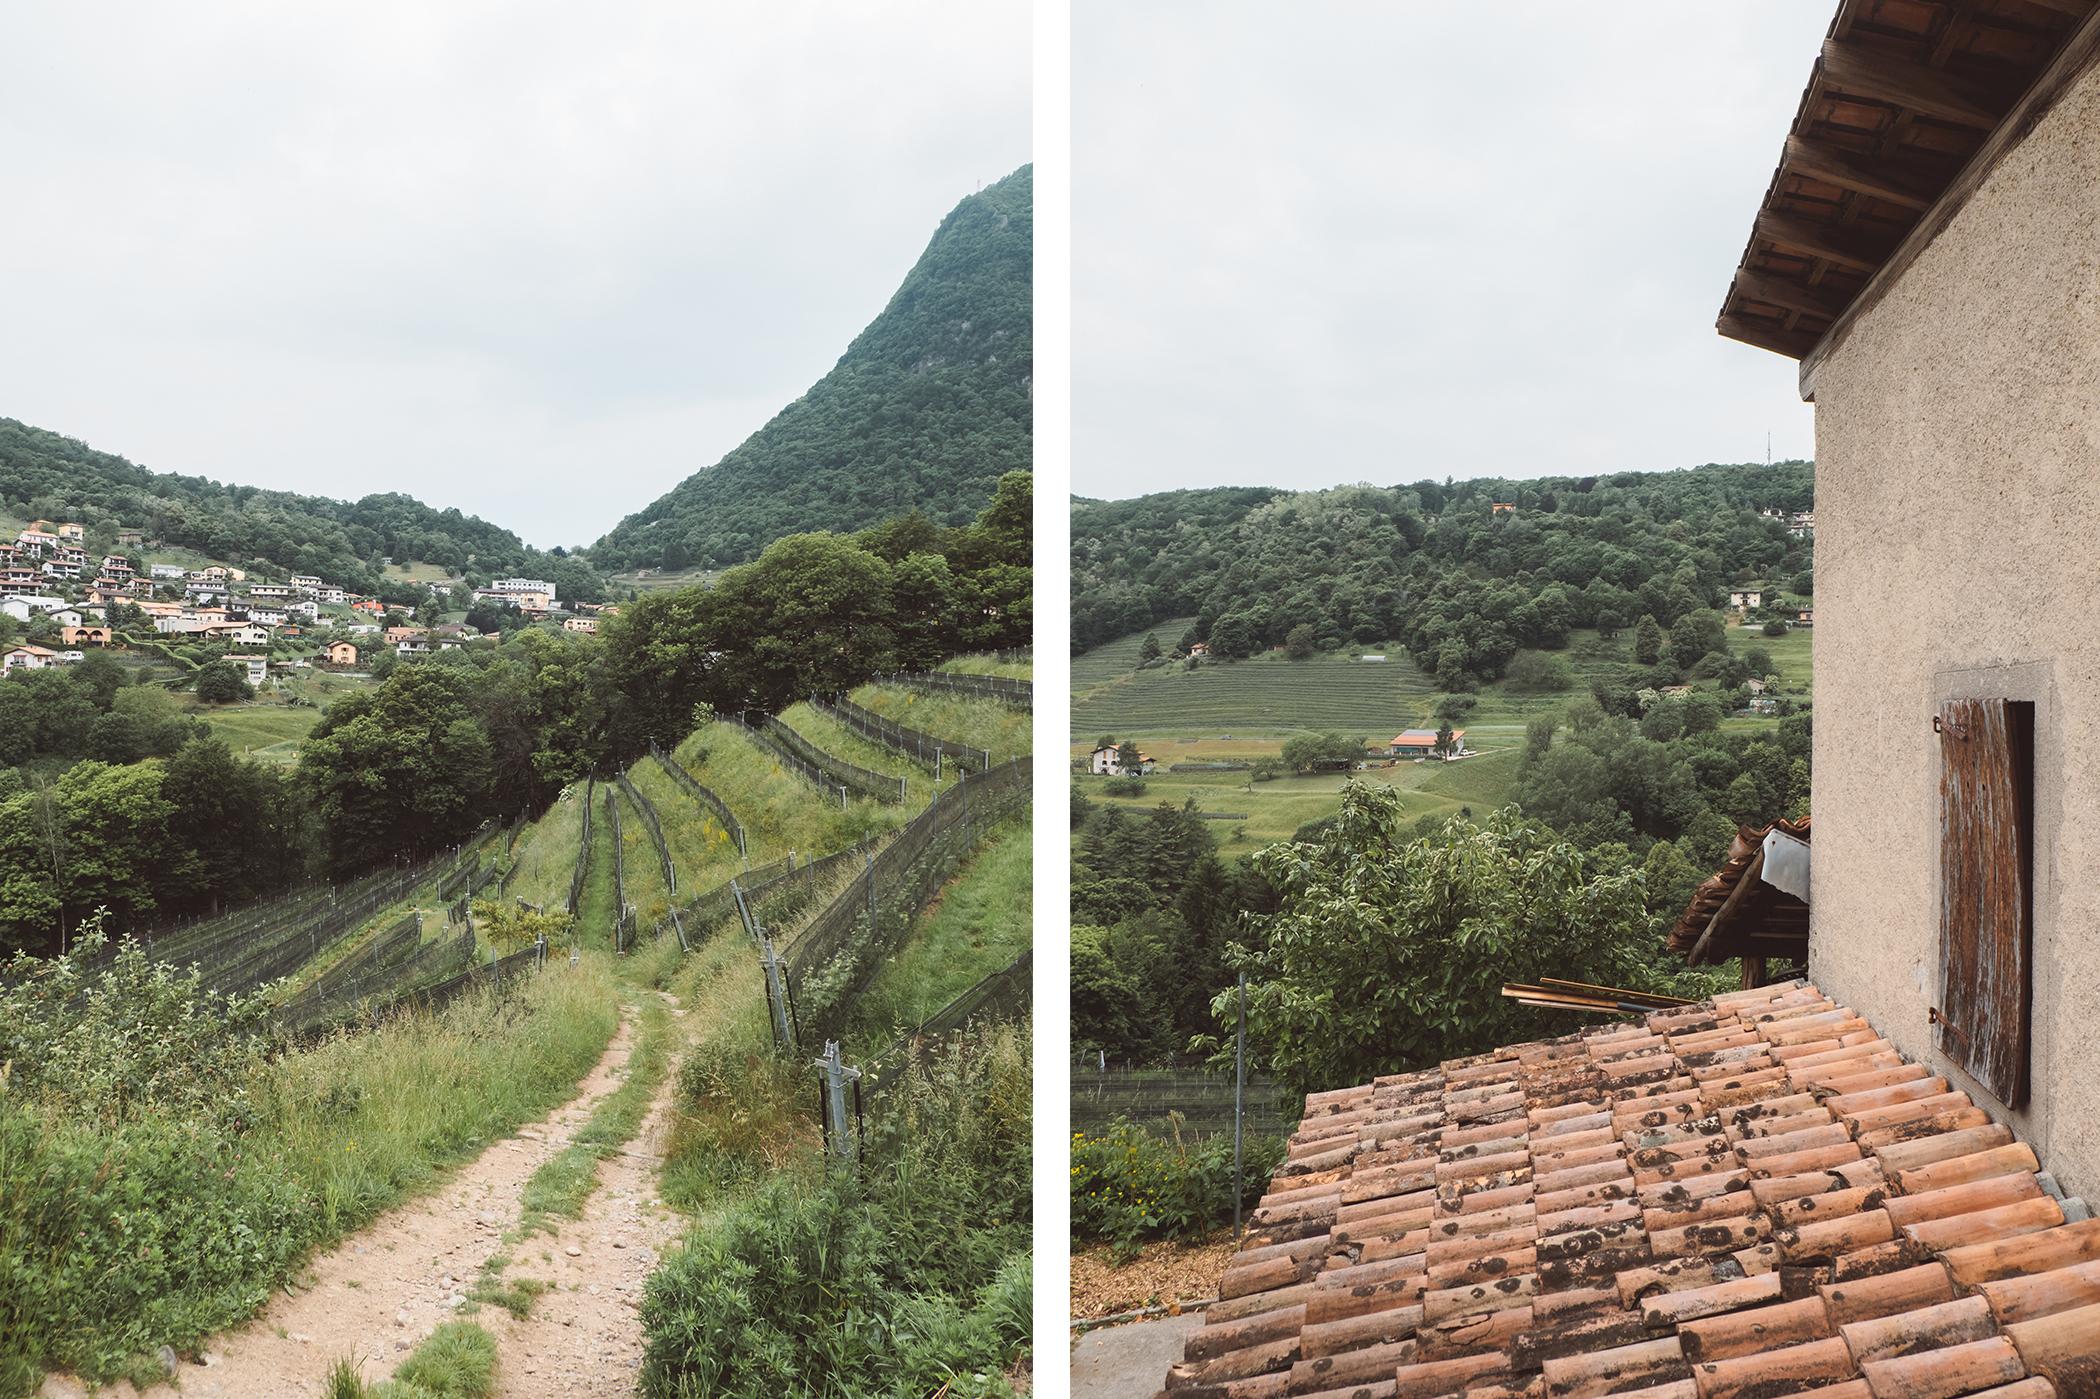 Les vignes d'Azienda Agricola Bianchi